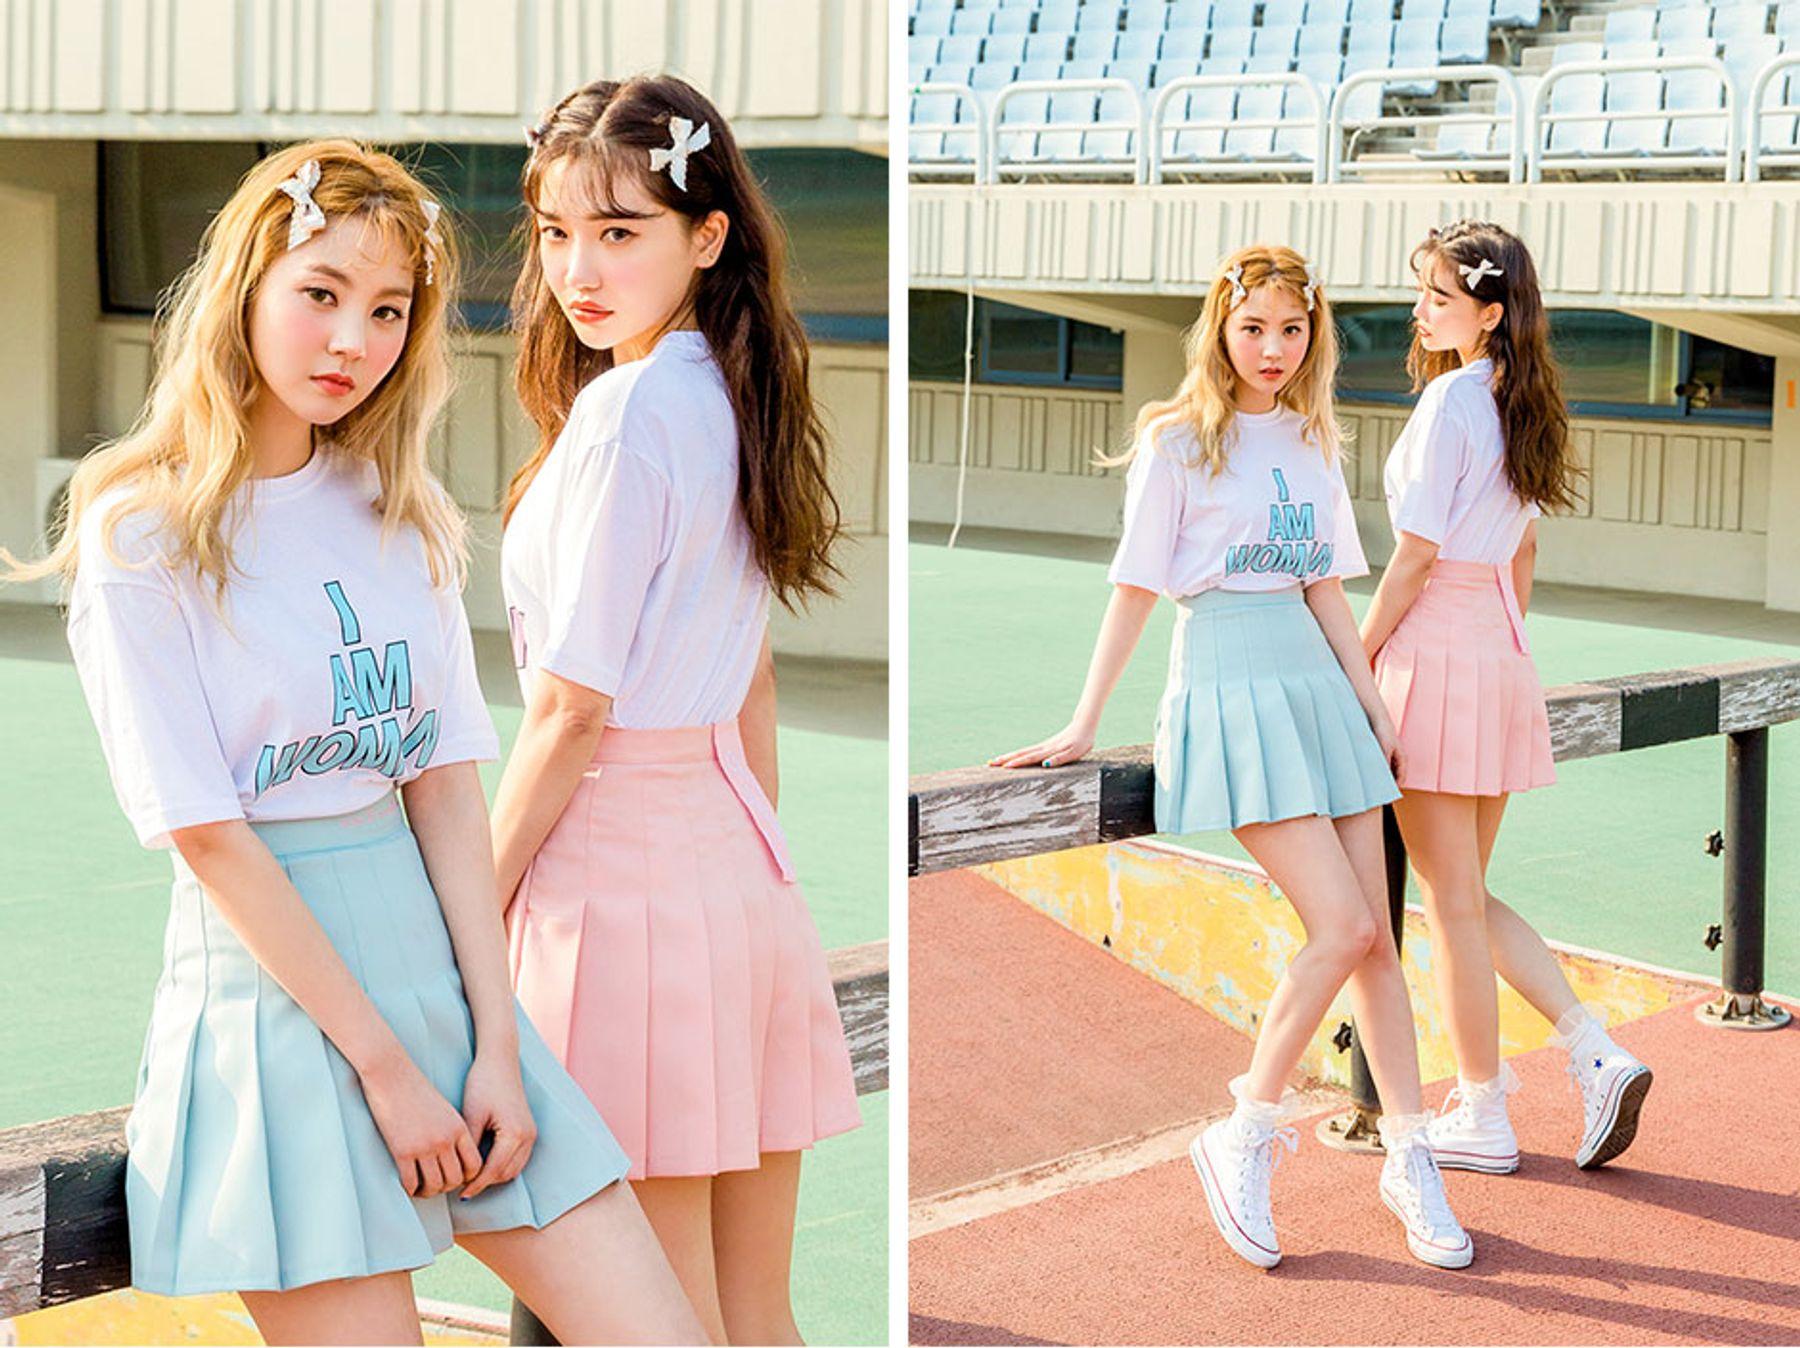 Giày converse cổ cao phối với chân váy tennis và áo thun